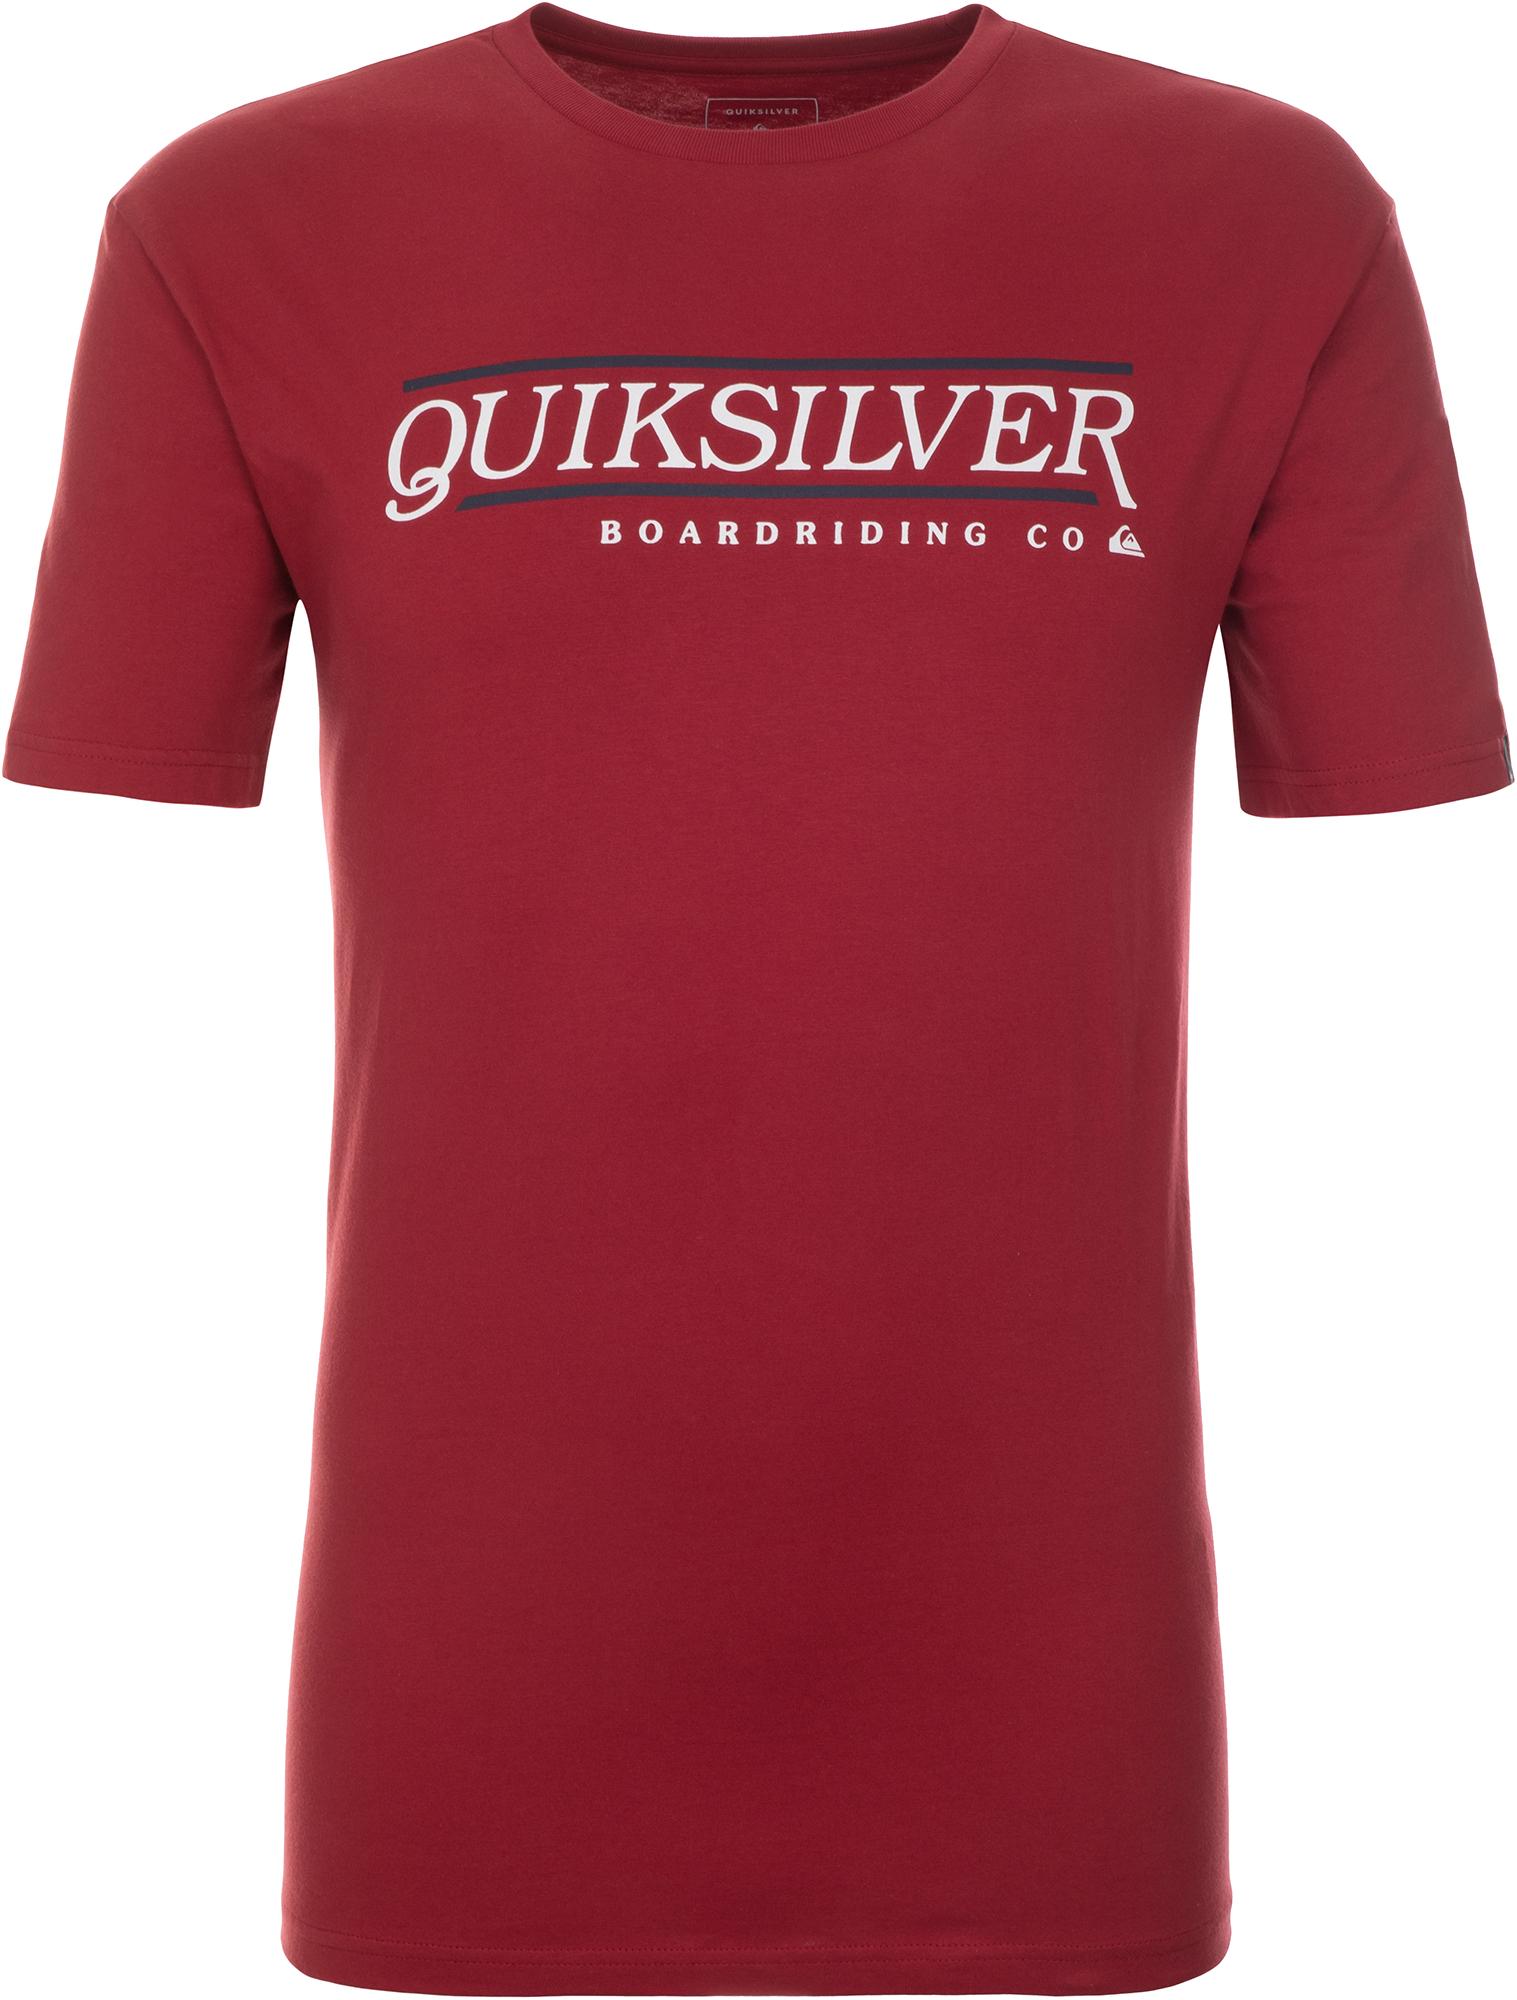 Quiksilver Футболка мужская Quiksilver, размер 44-46